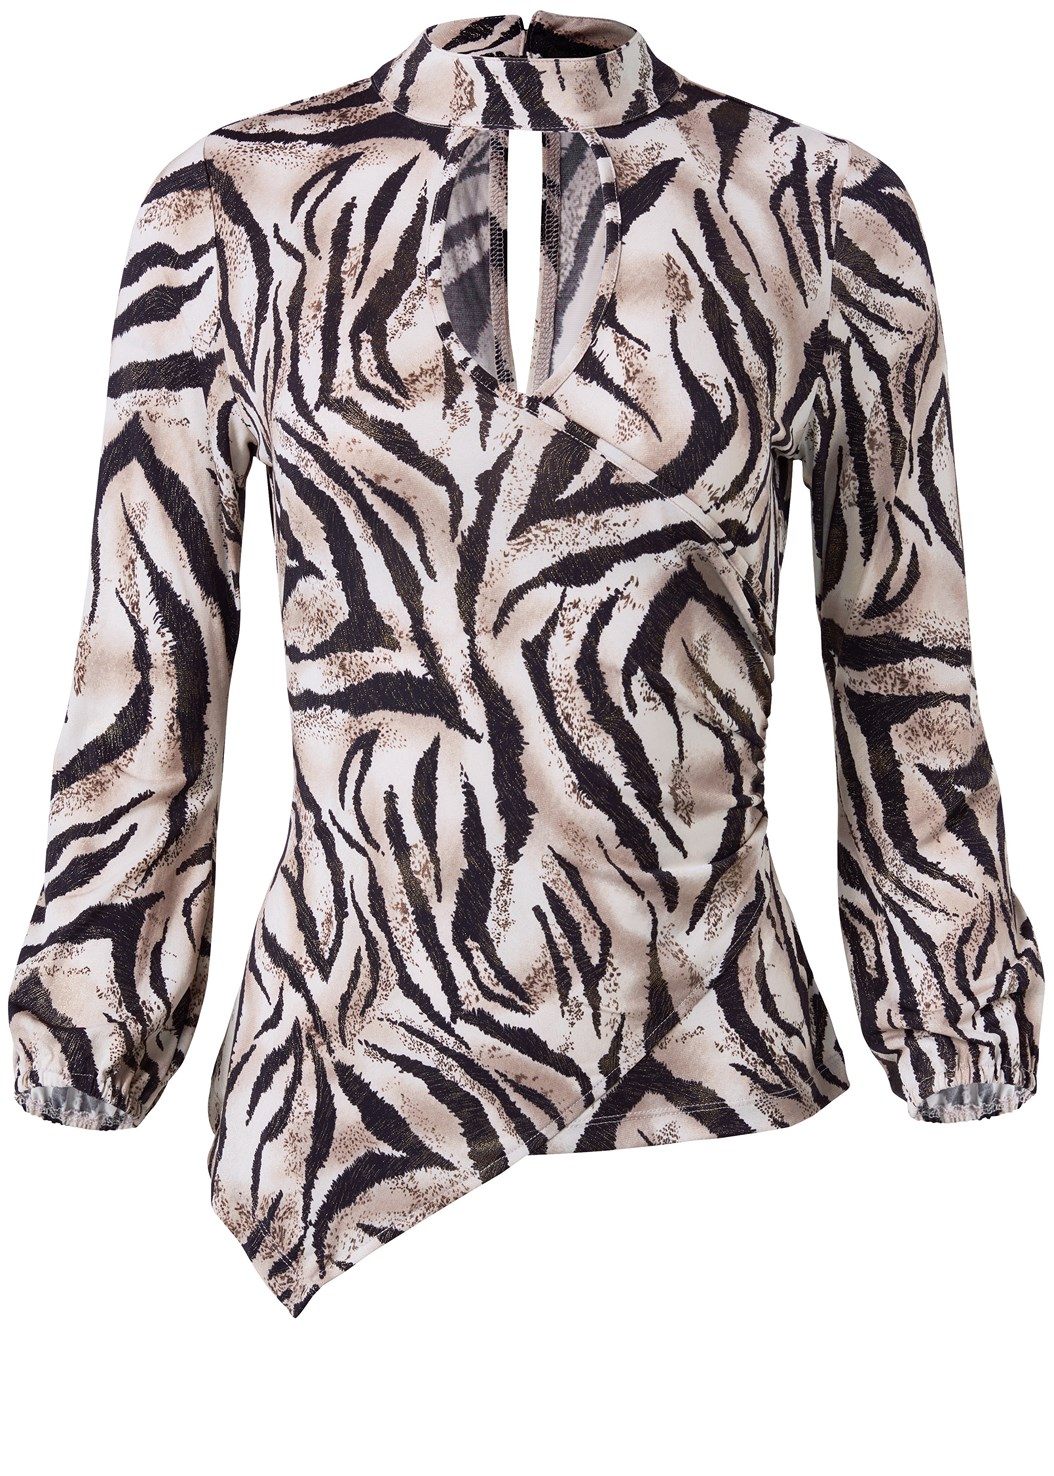 Tiger Print Surplice Top,Faux Leather Pants,Bow Detail Print Heels,Pearl Hoop Earring Set